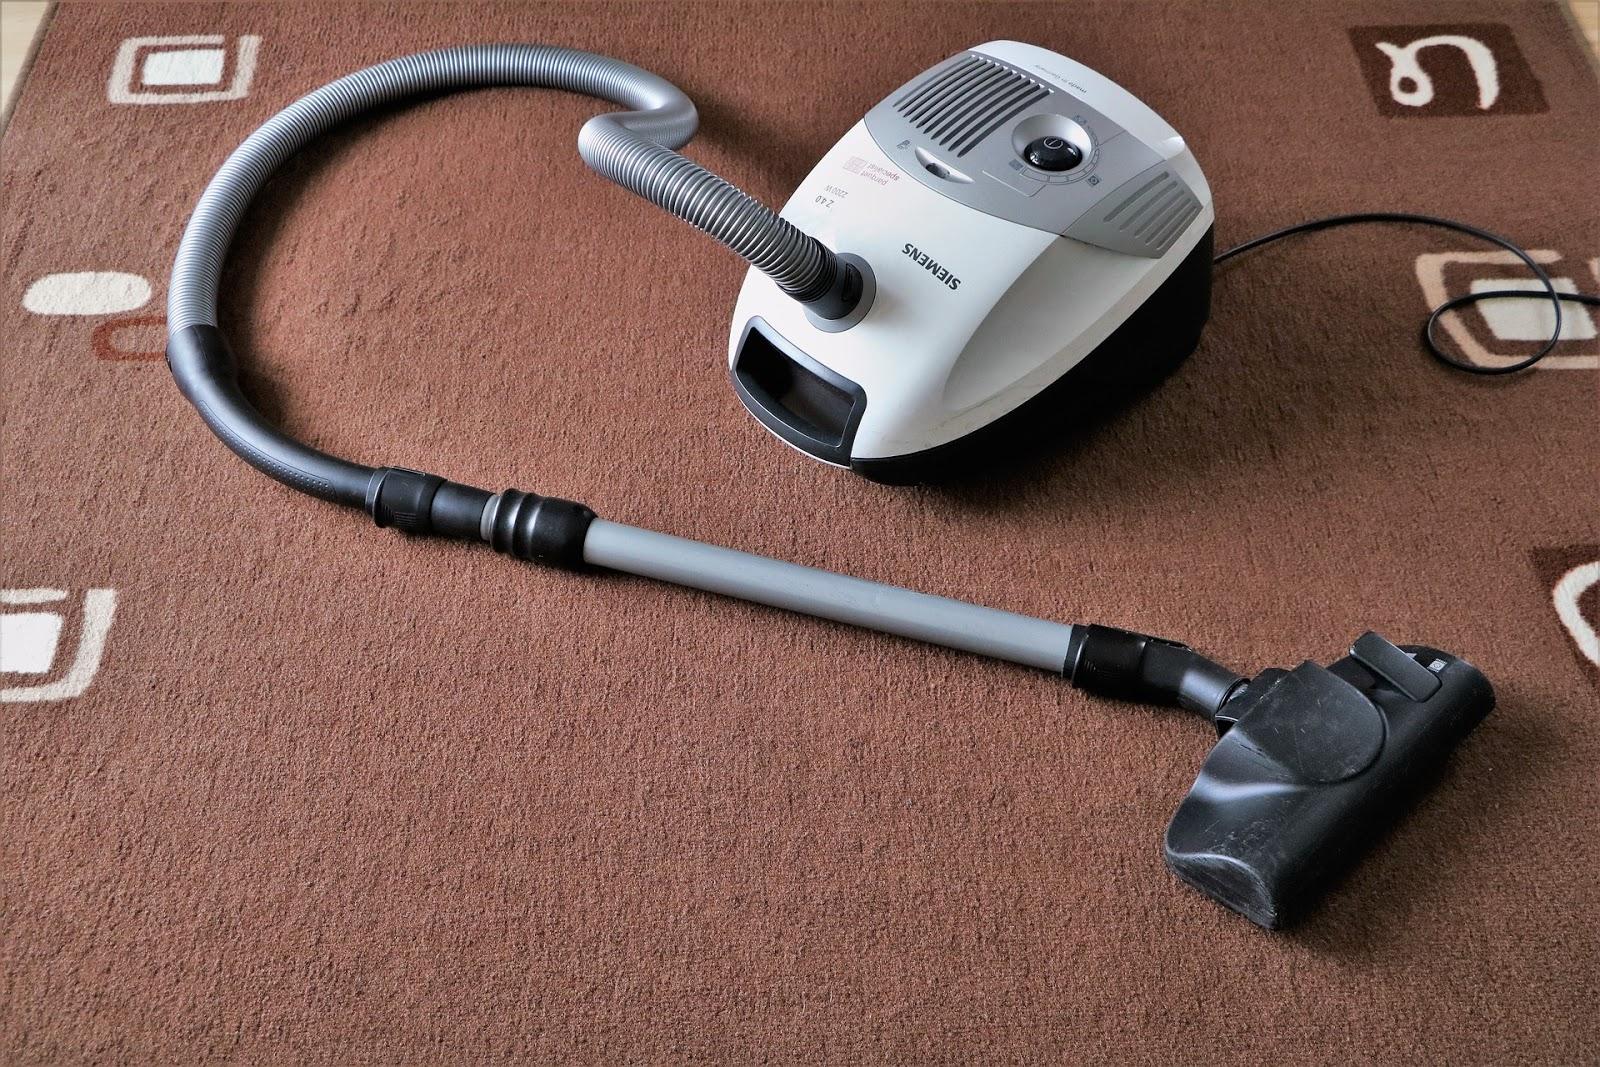 Limpiar una alfombra great with limpiar una alfombra - Limpiar una alfombra ...